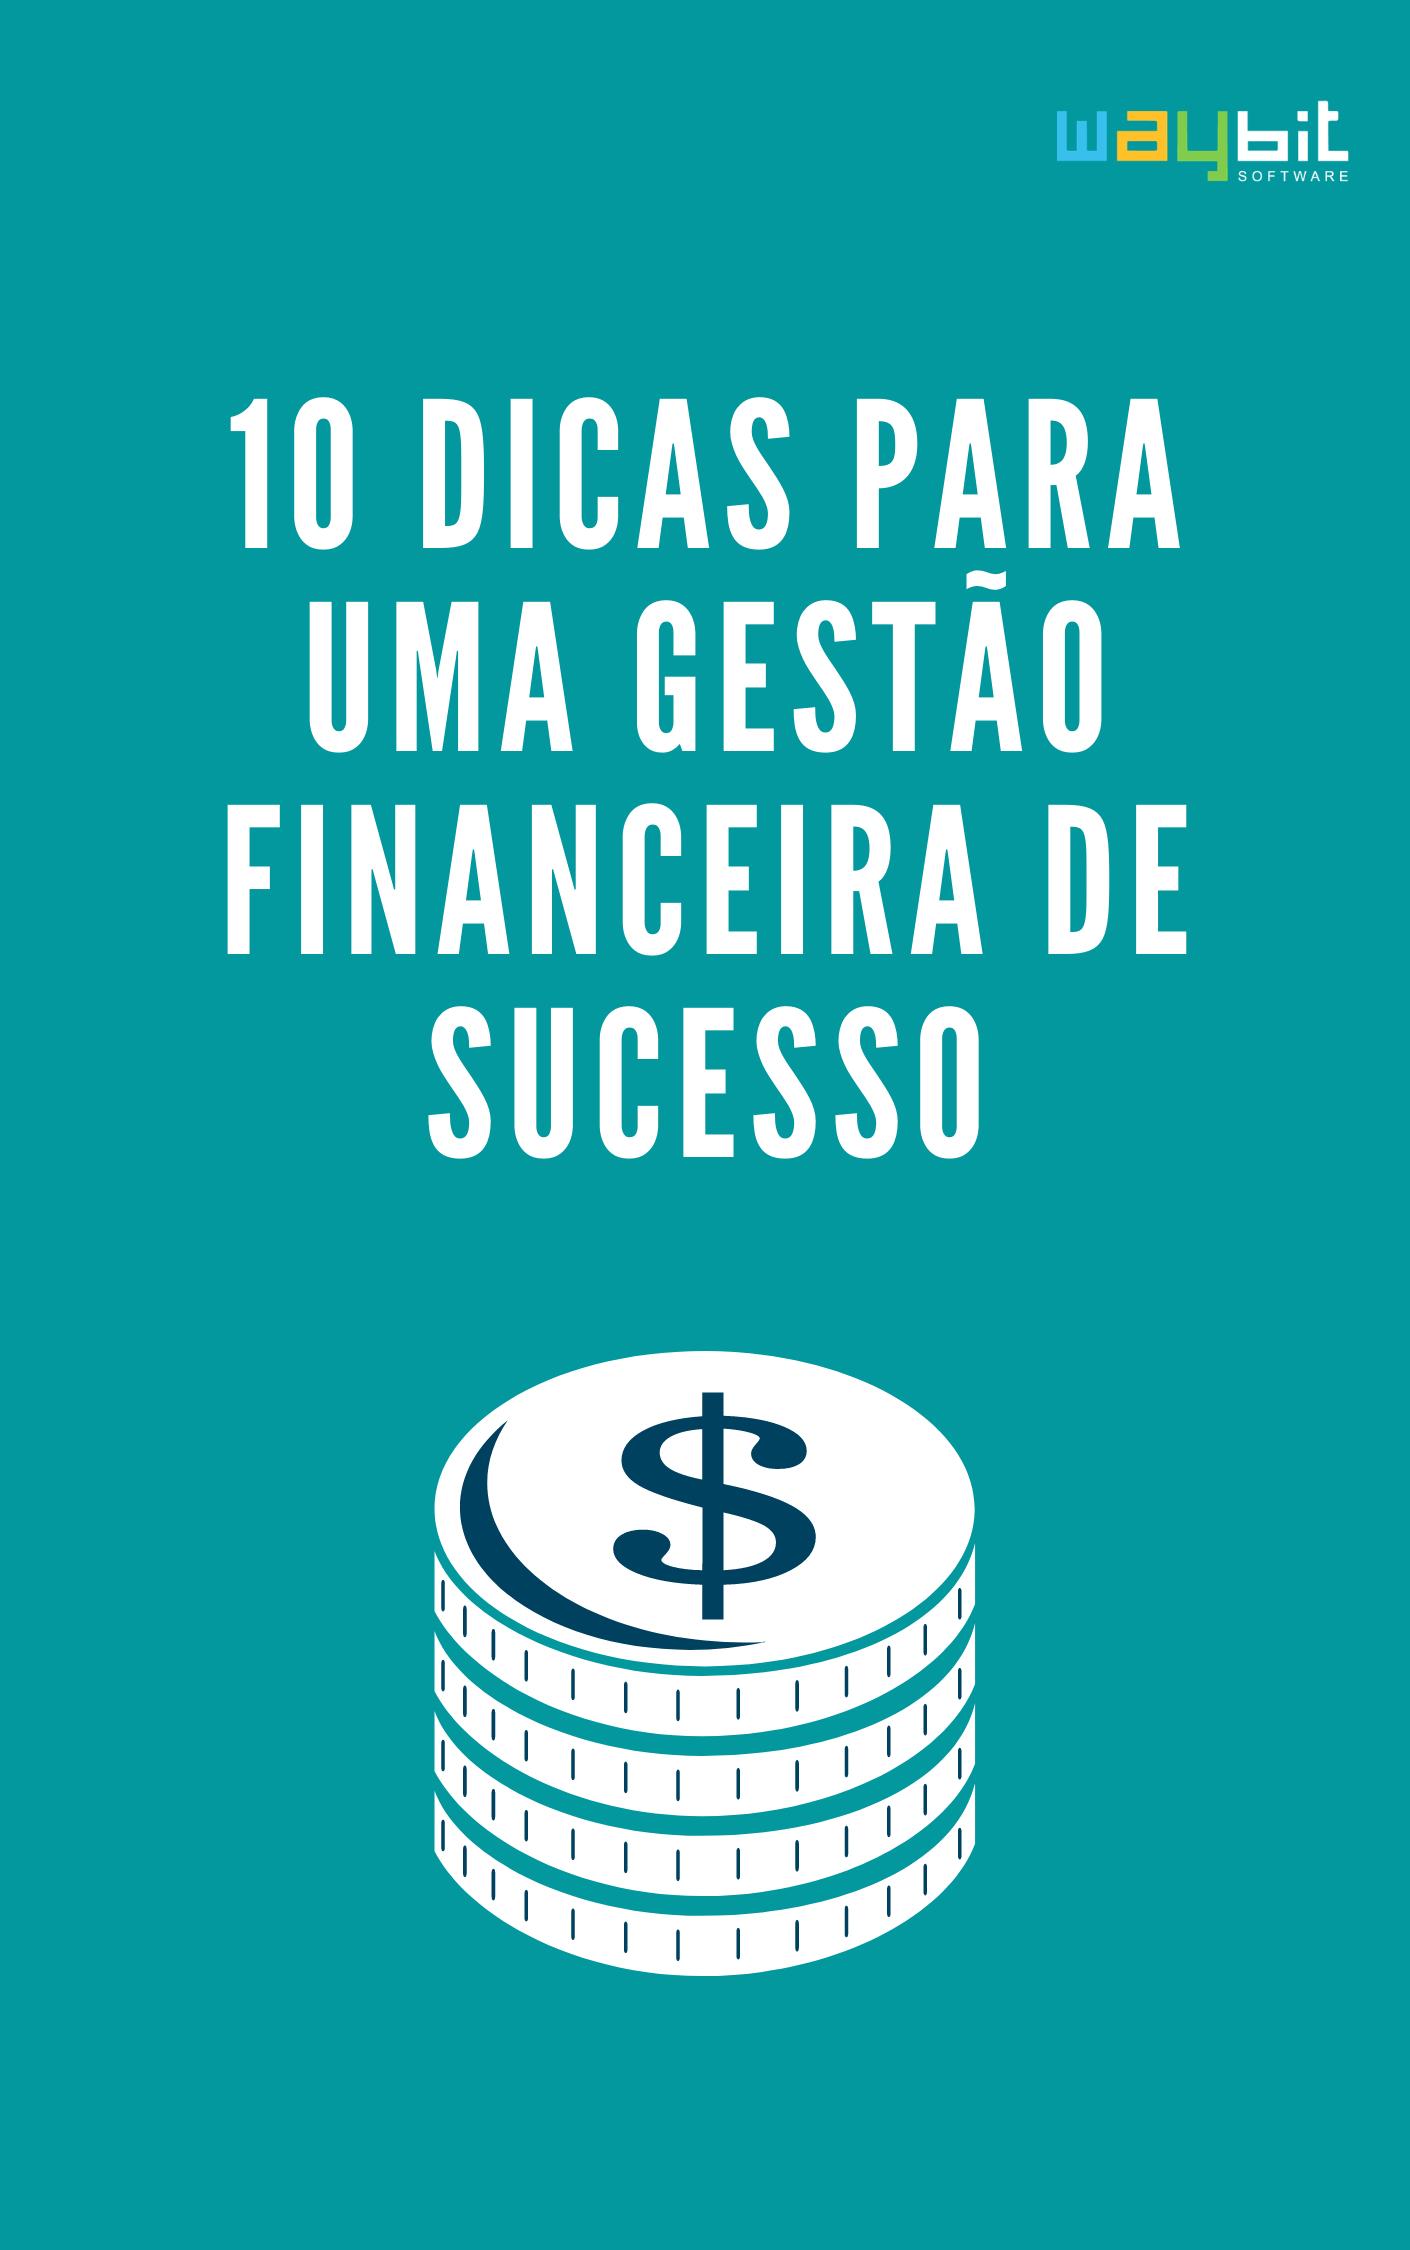 10 dicas para uma gestão financeira de sucesso!